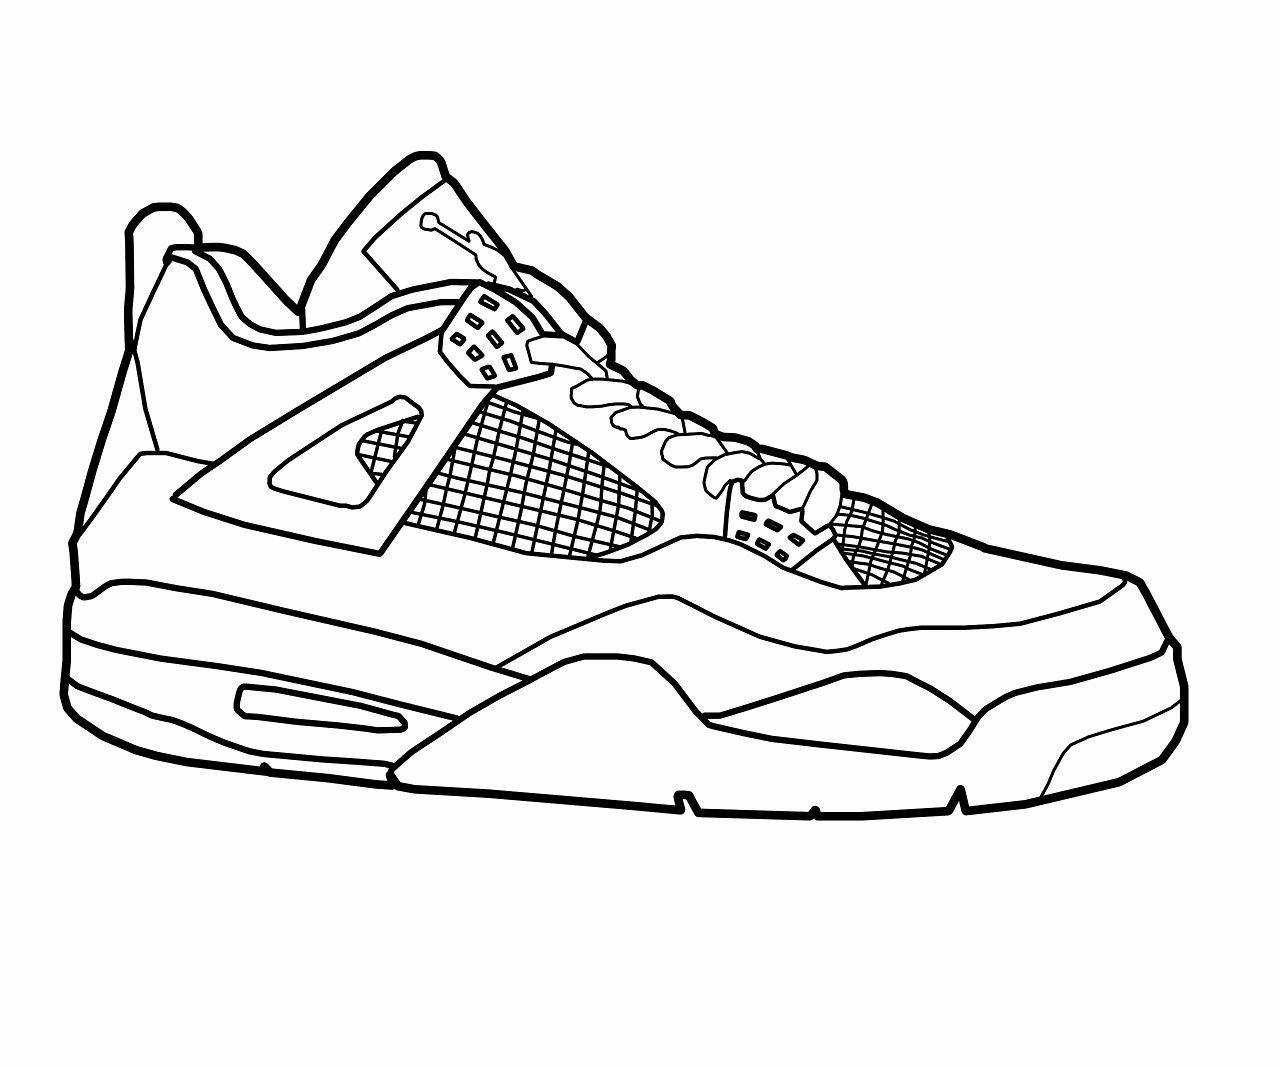 Jordan Shoe Coloring Book Best Of Jordan Shoes Coloring Pages Coloring Home In 2020 Jordans Air Jordans Sneakers Drawing